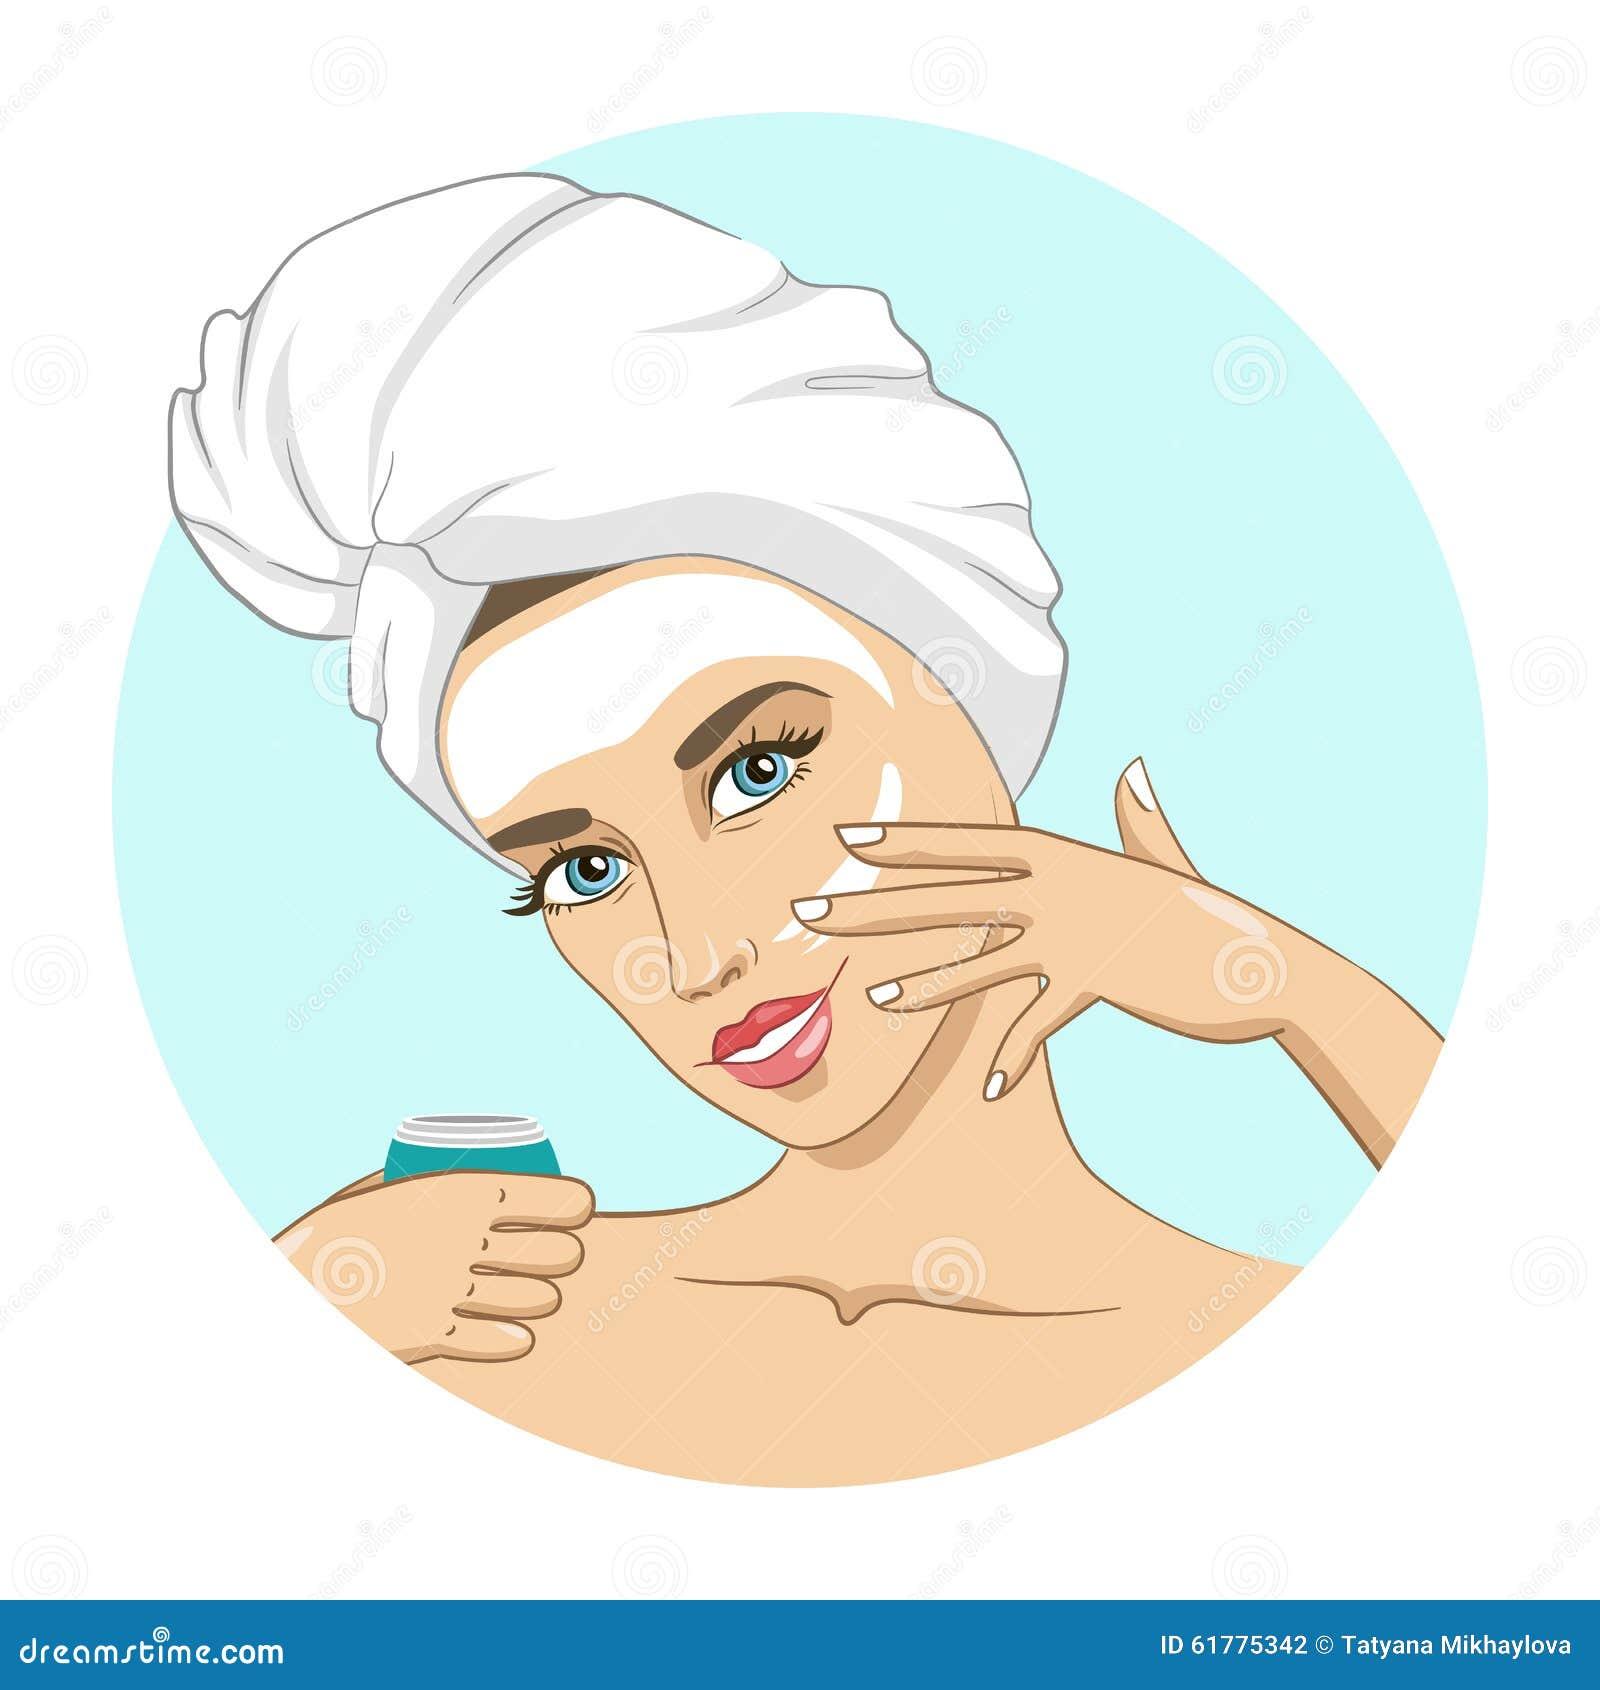 Soin visage naturel gommage masque - Gommage visage maison point noir ...